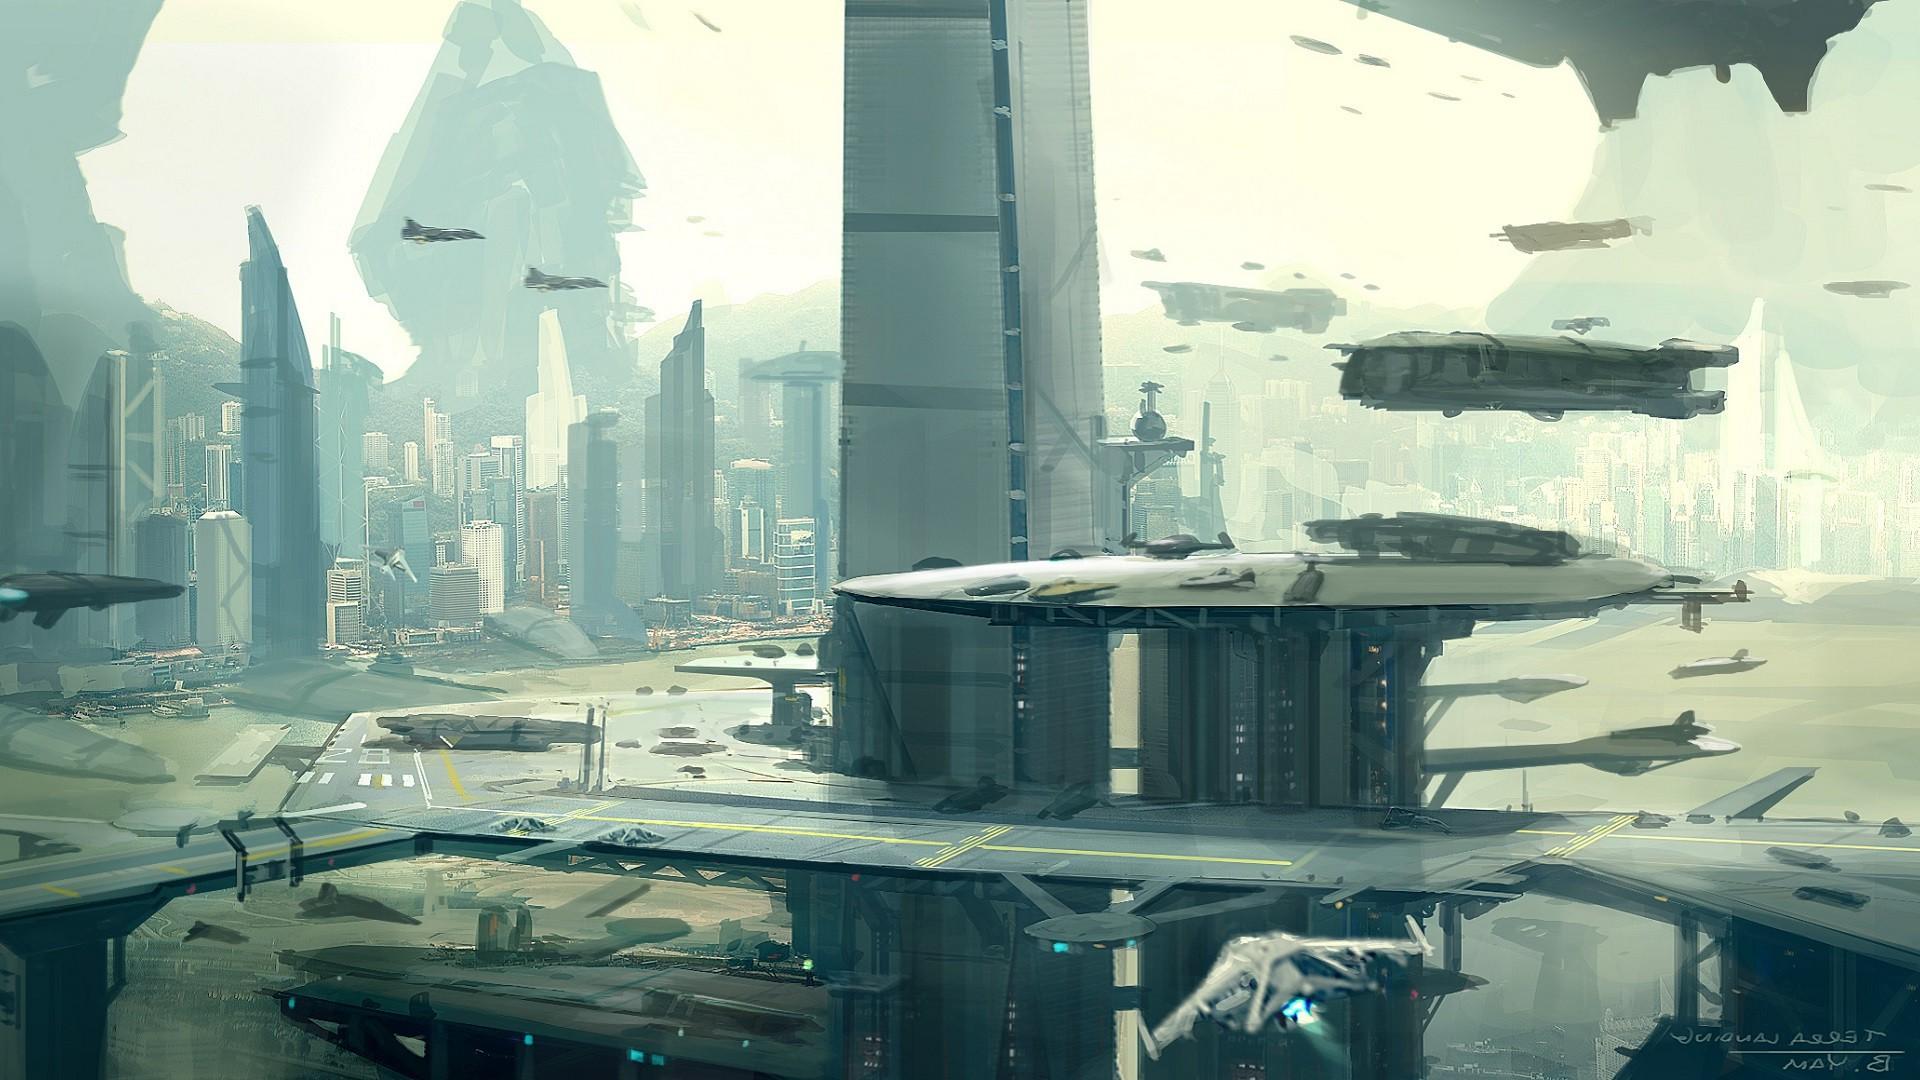 Digital Art Video Games City Cityscape Reflection Futuristic Artwork Skyscraper Concept Star Citizen Spaceship ART